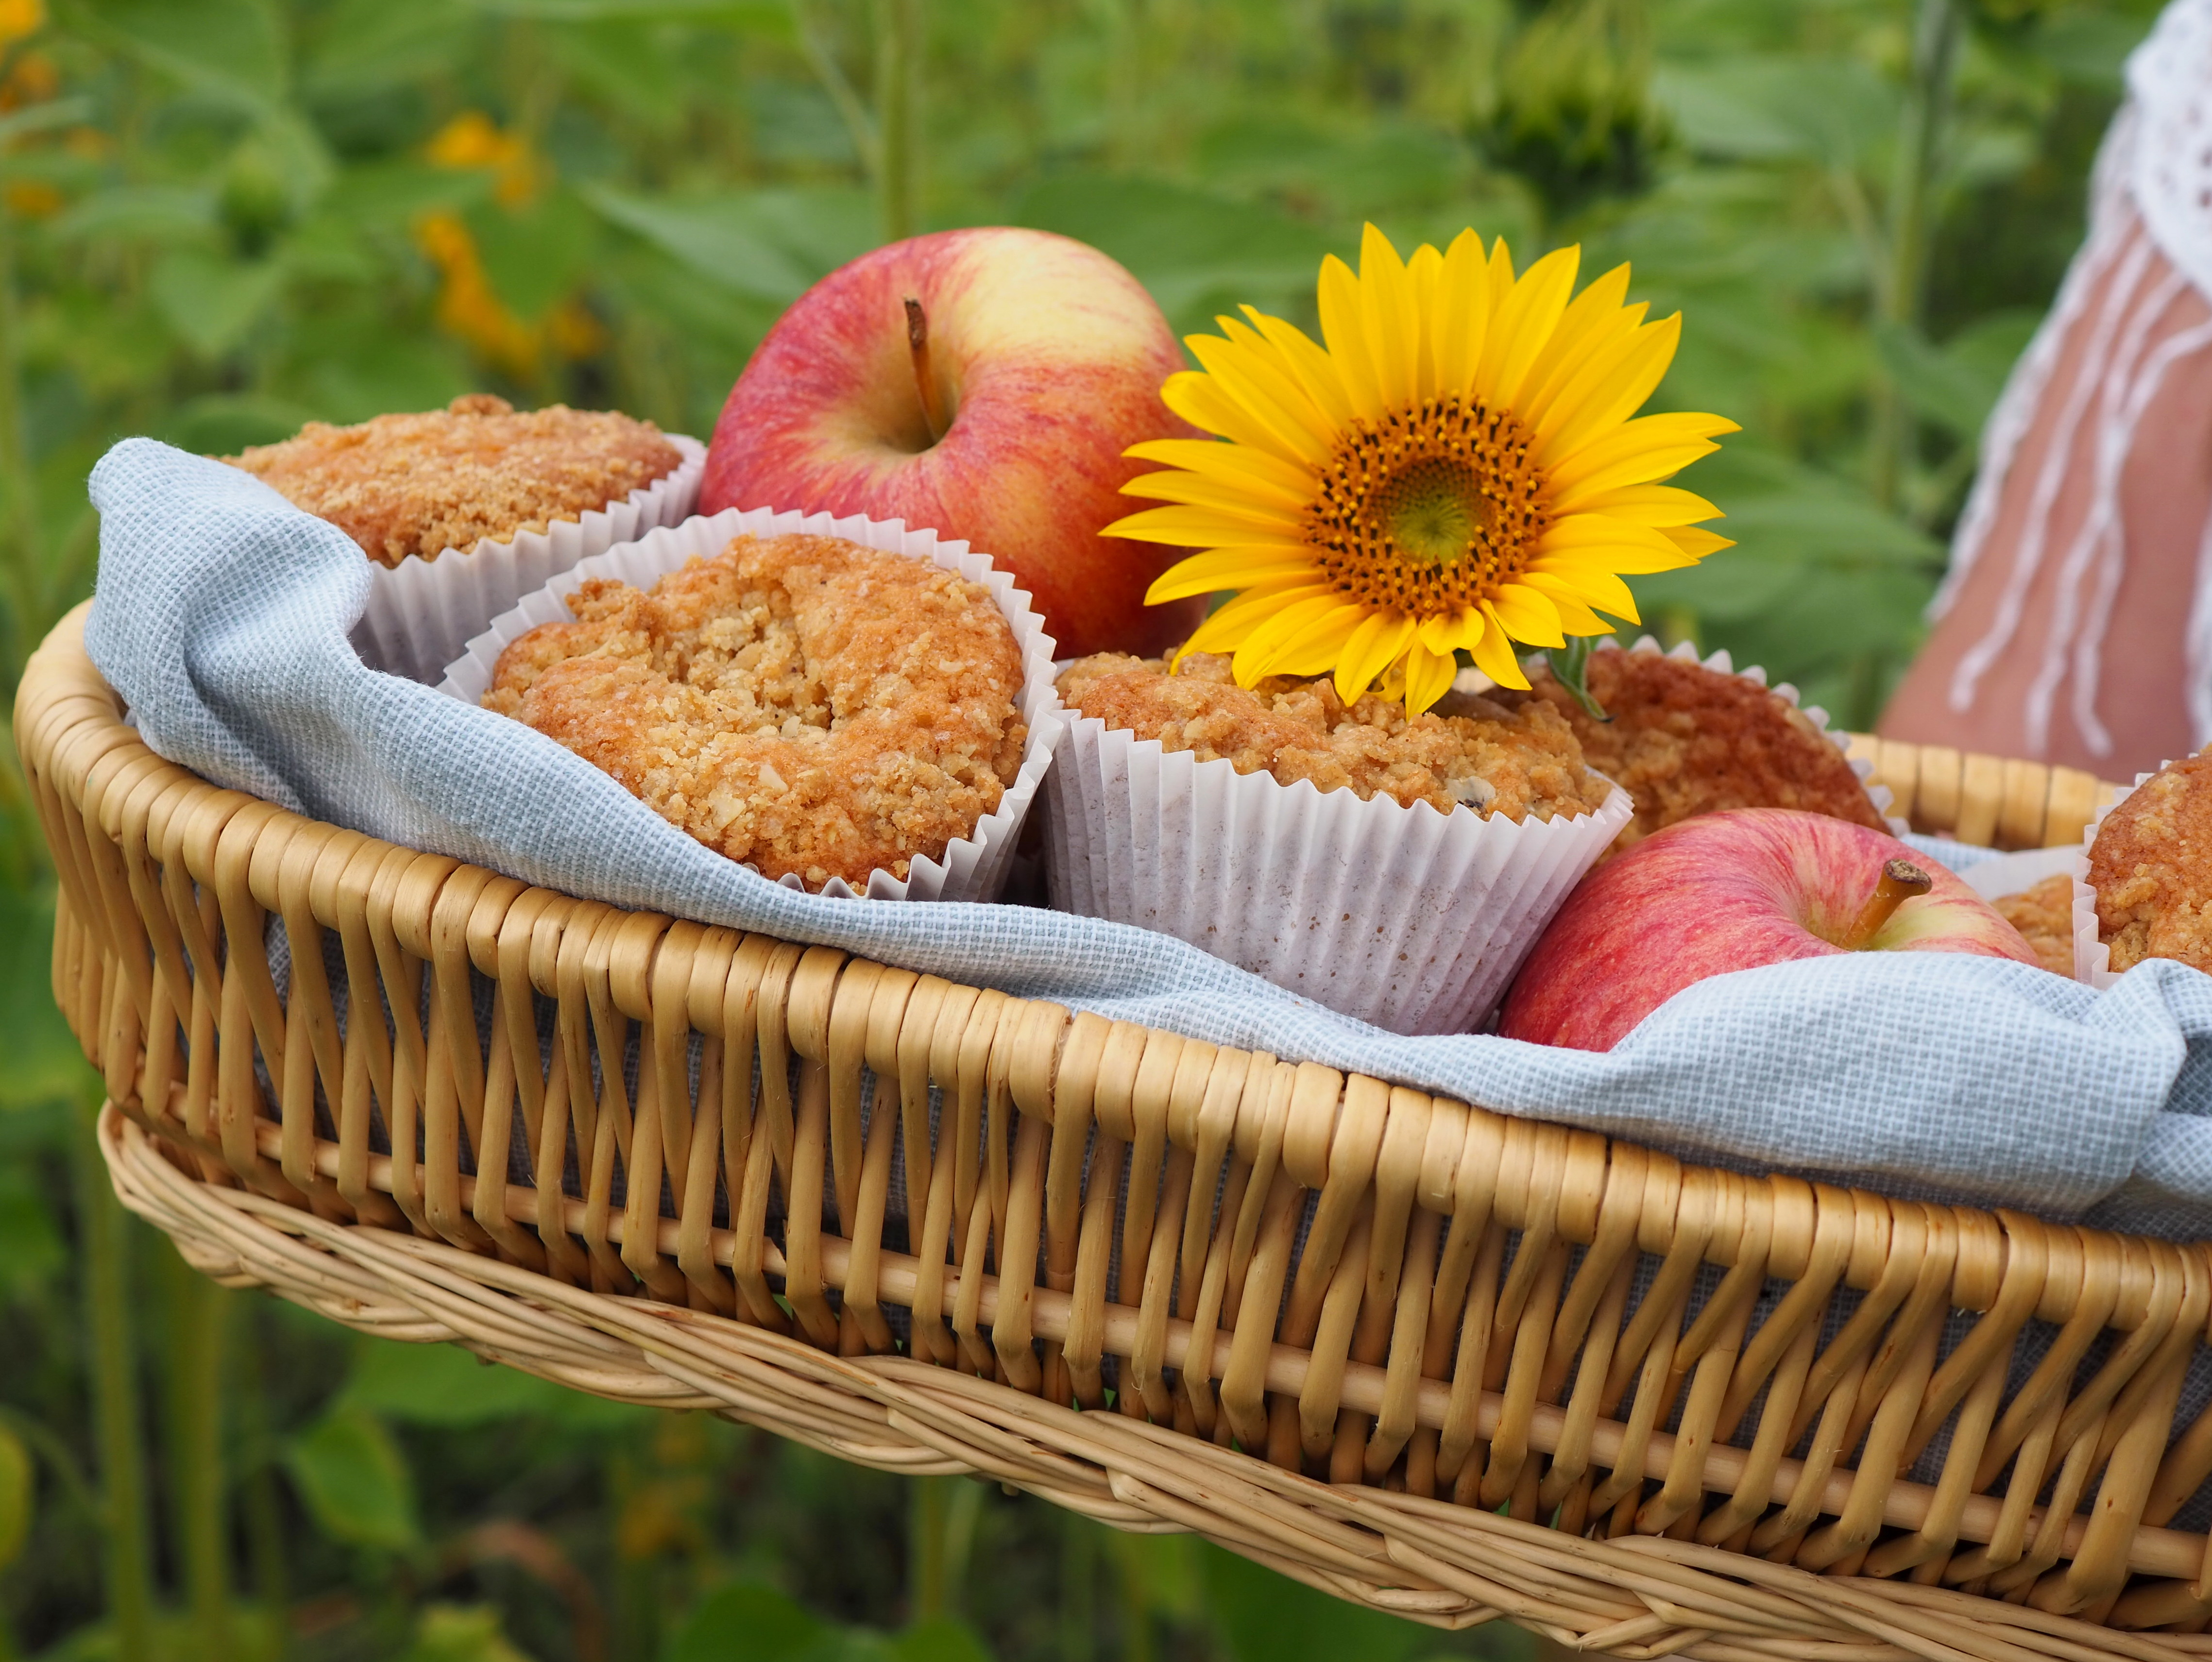 omenamurumuffinit